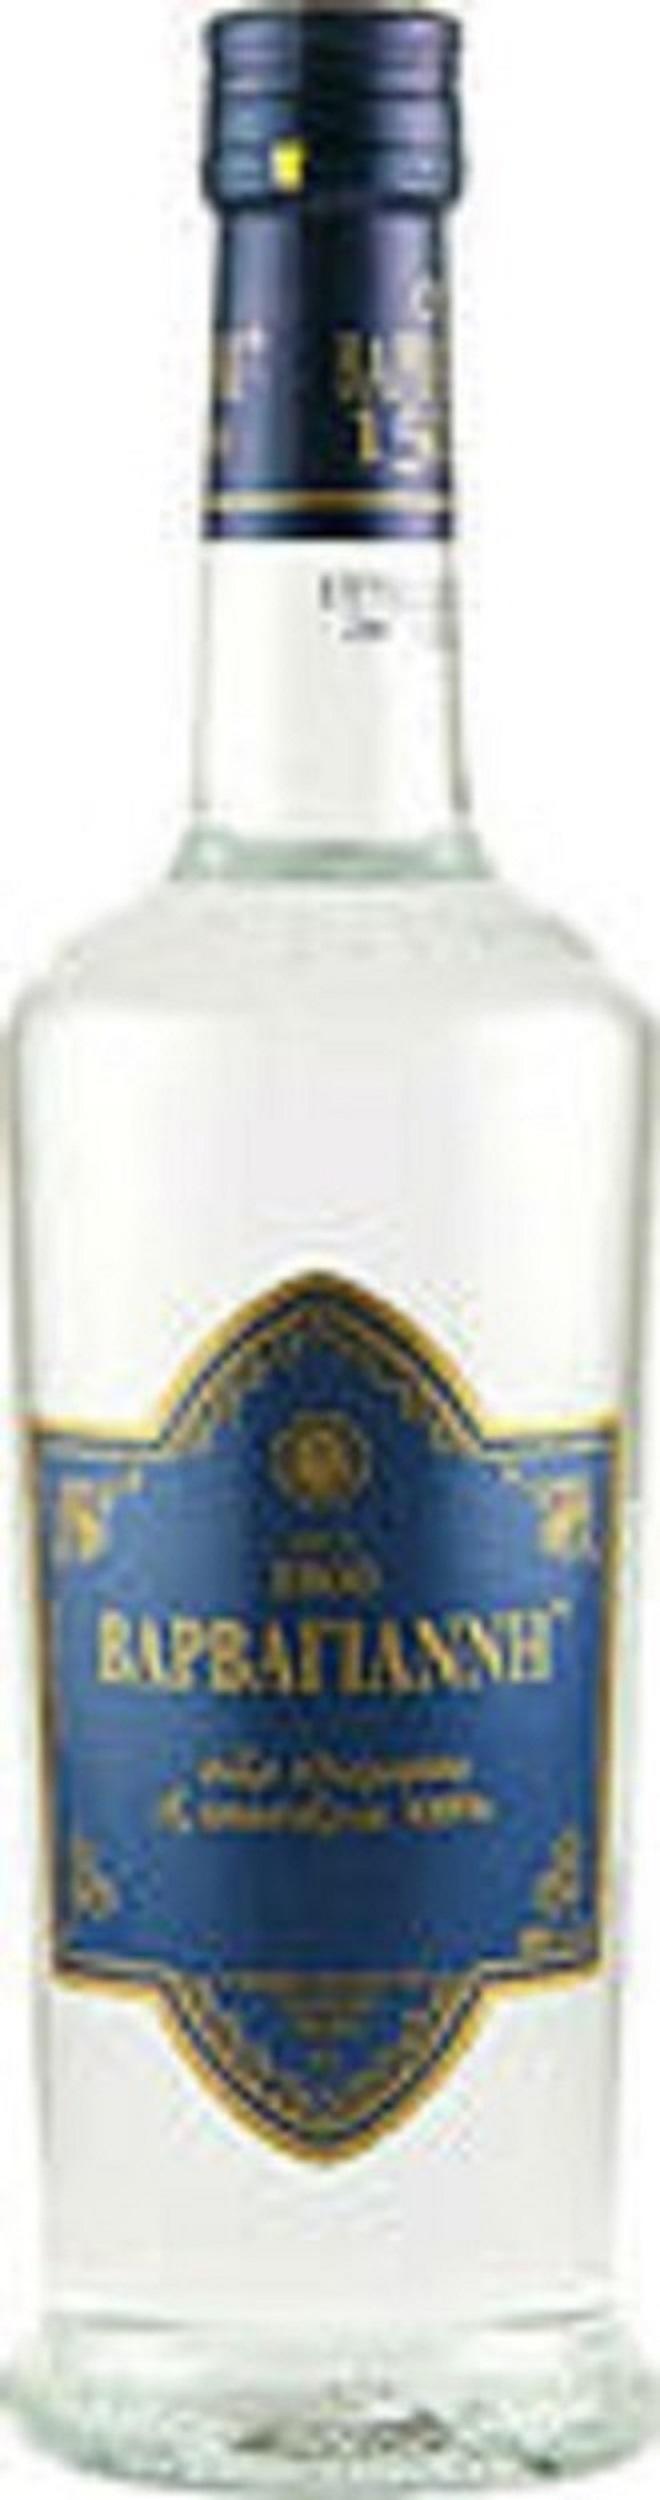 Ούζο Μπλε Βαρβαγιάννη (200ml)